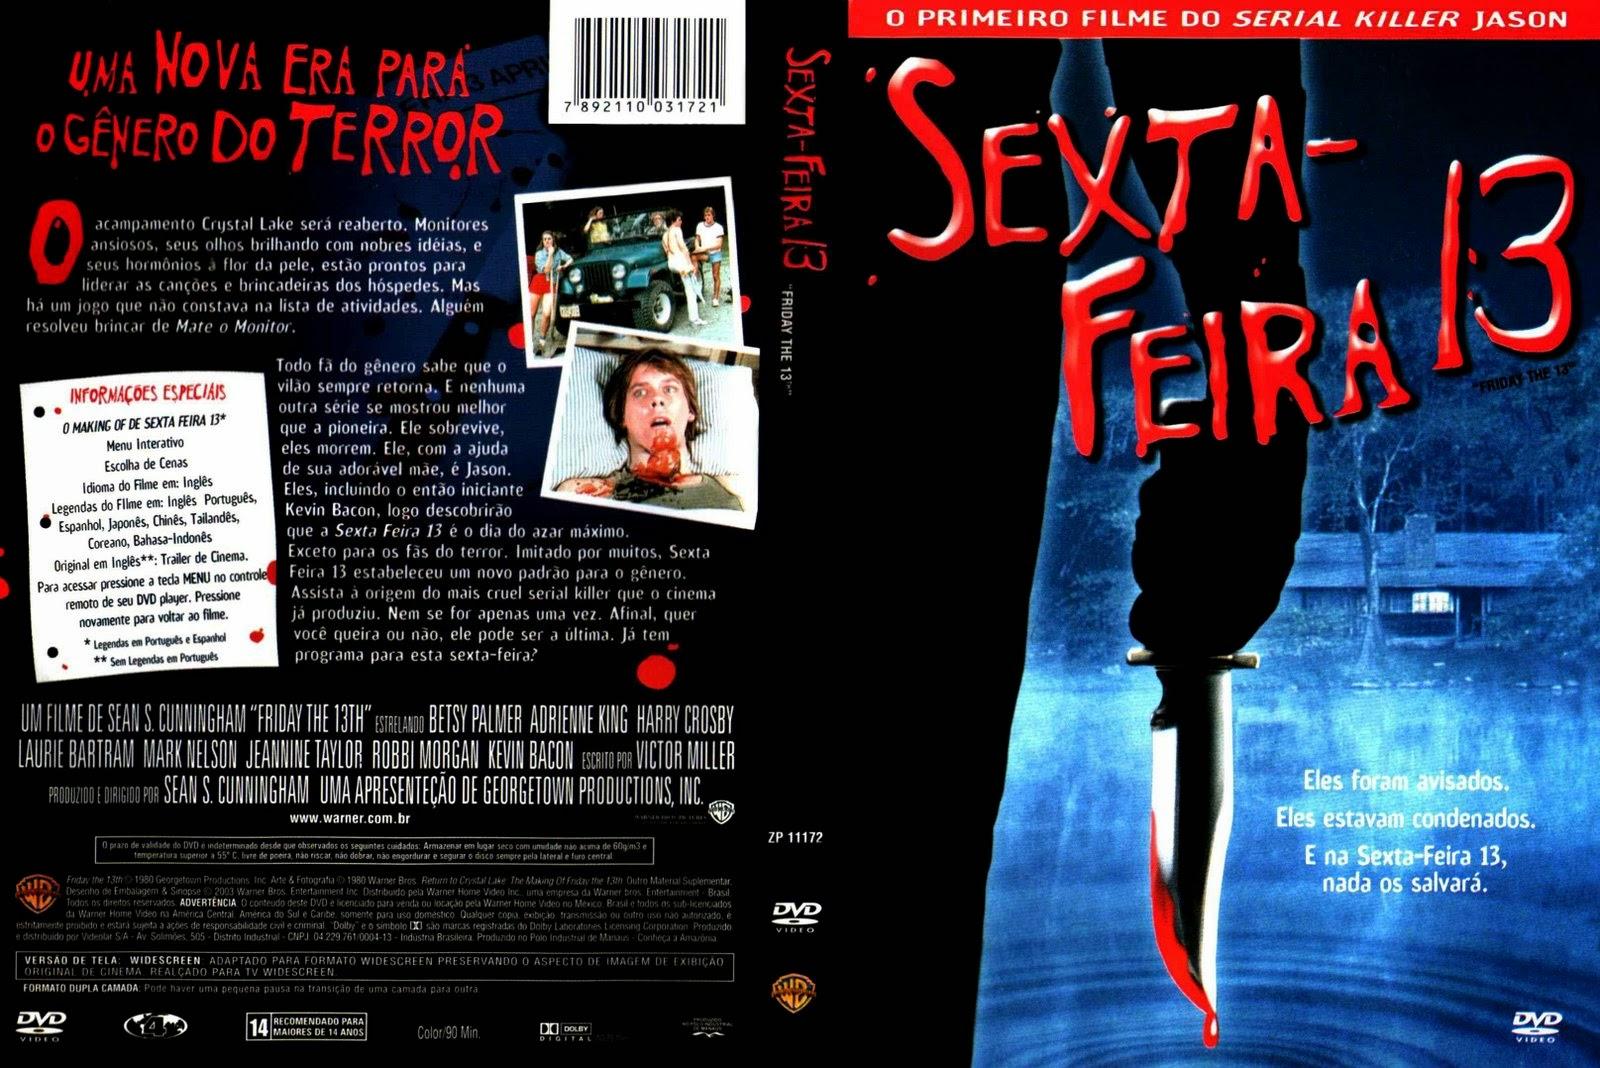 Sexta-Feira 13 Parte 1 DVD Capa